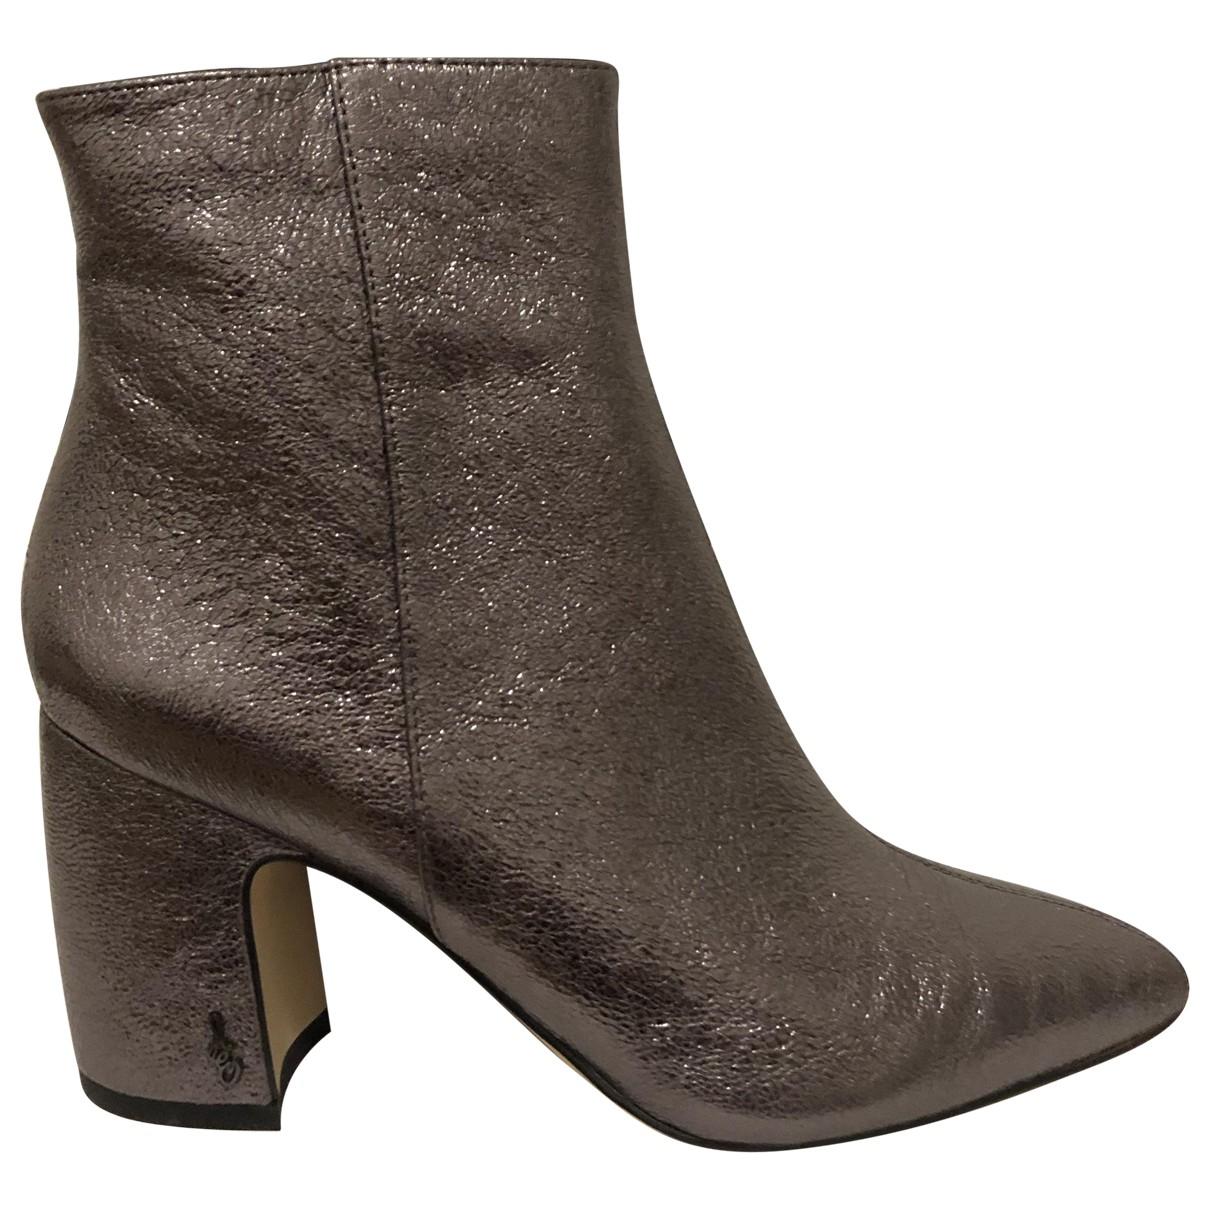 Sam Edelman - Boots   pour femme en cuir - gris